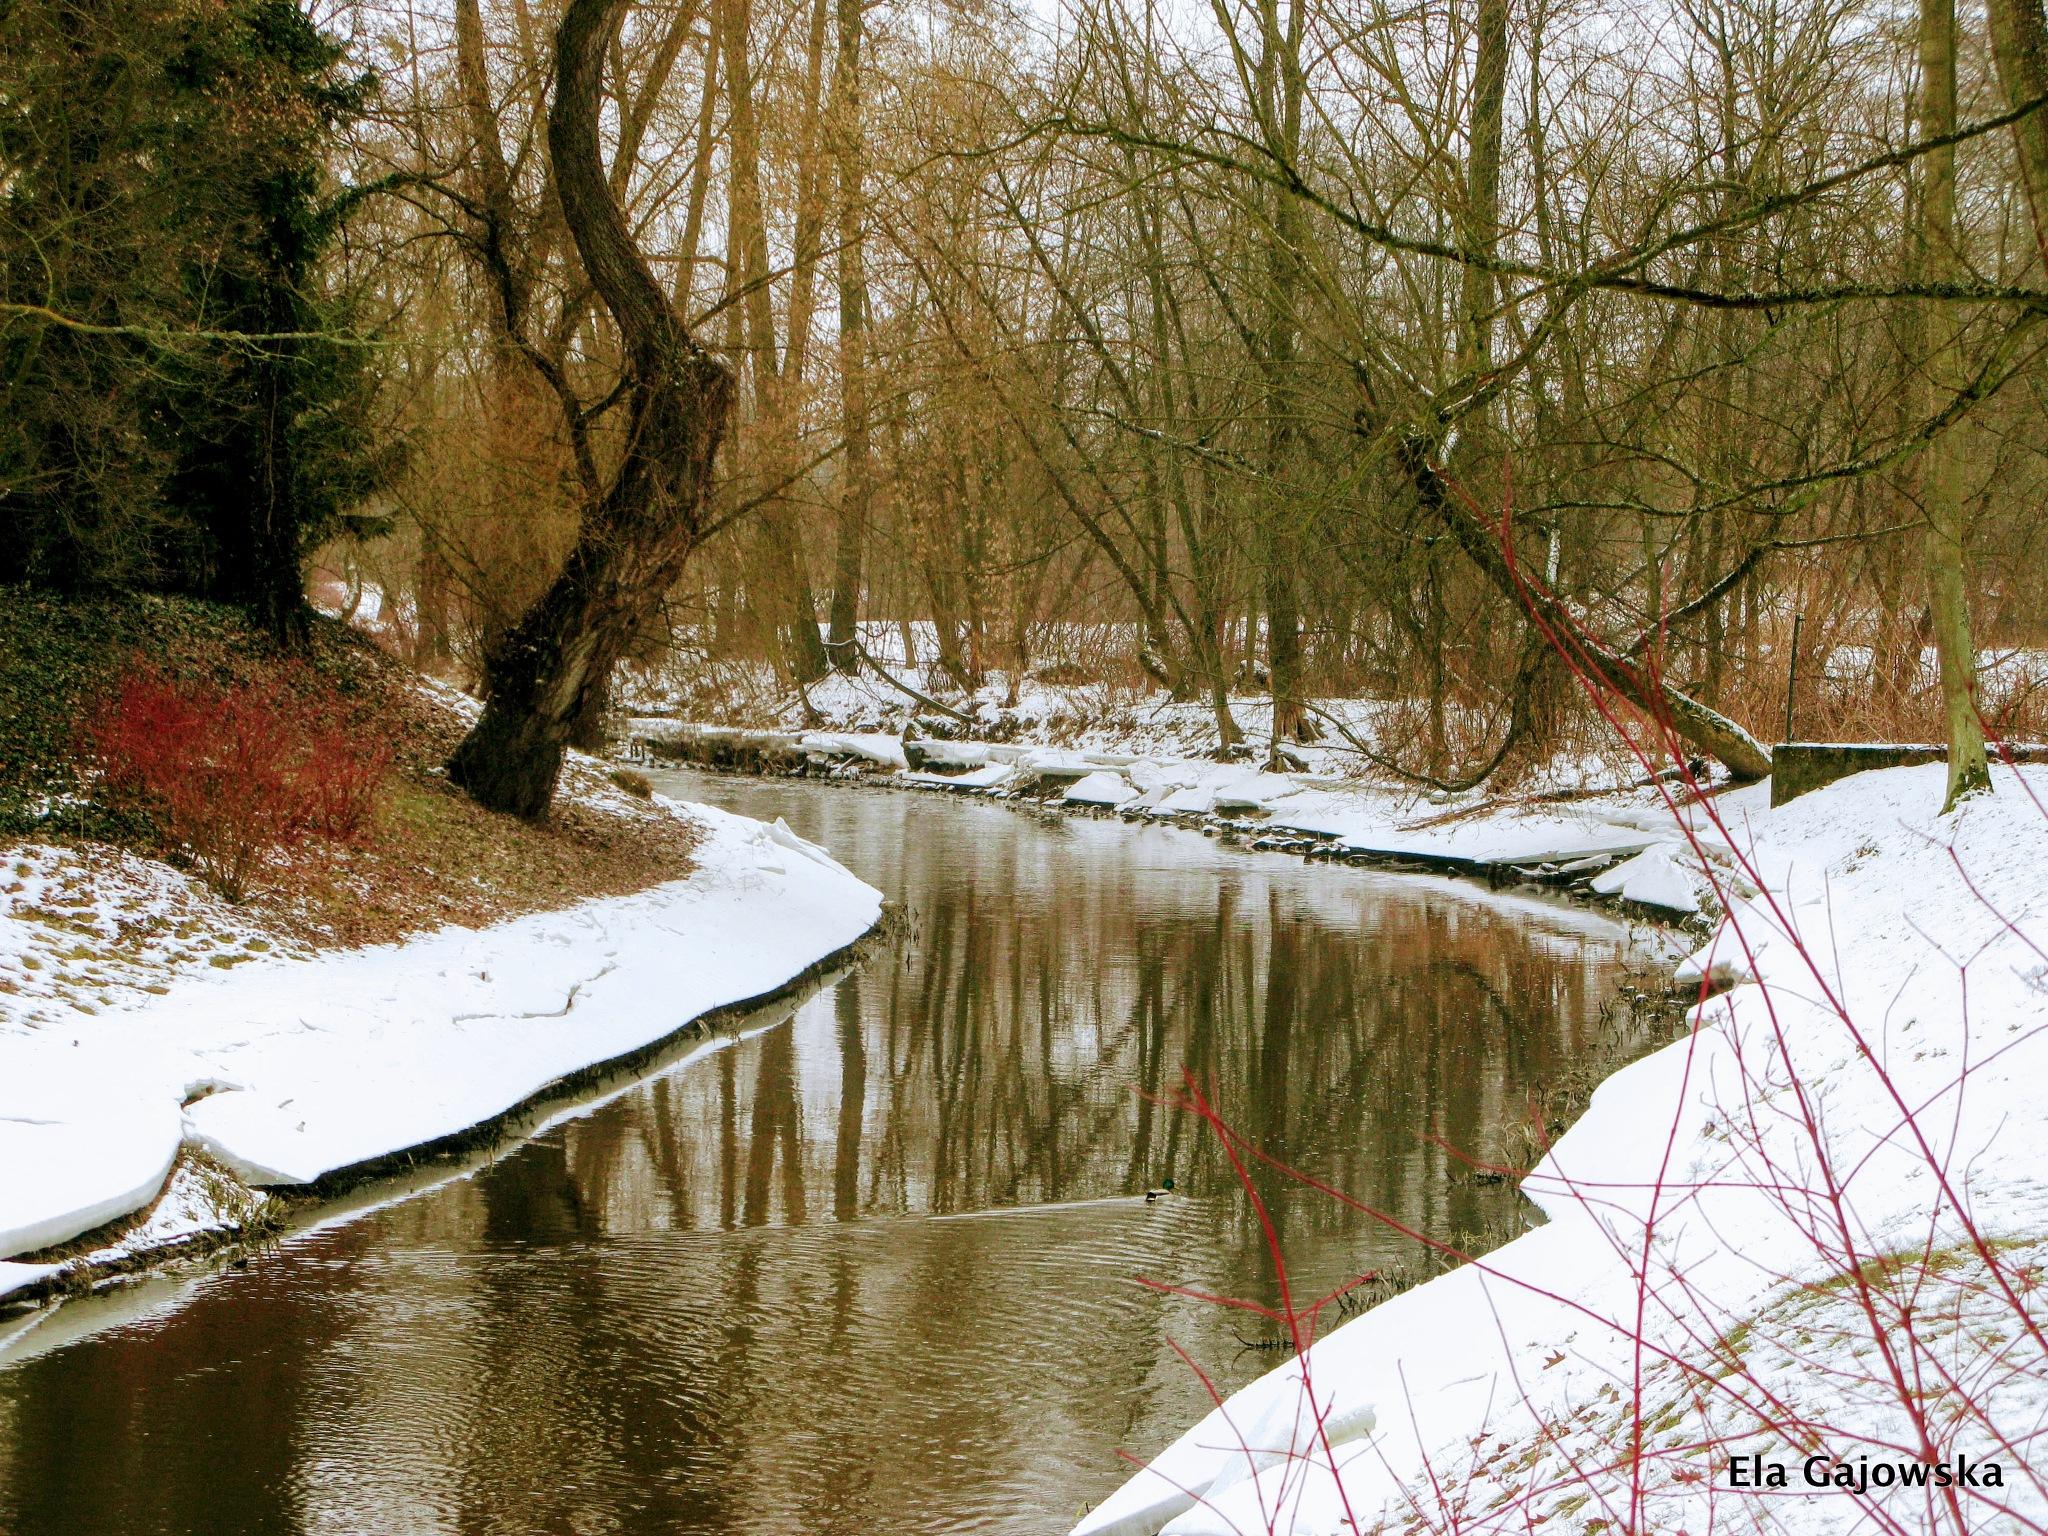 February day by Ela Gajowska